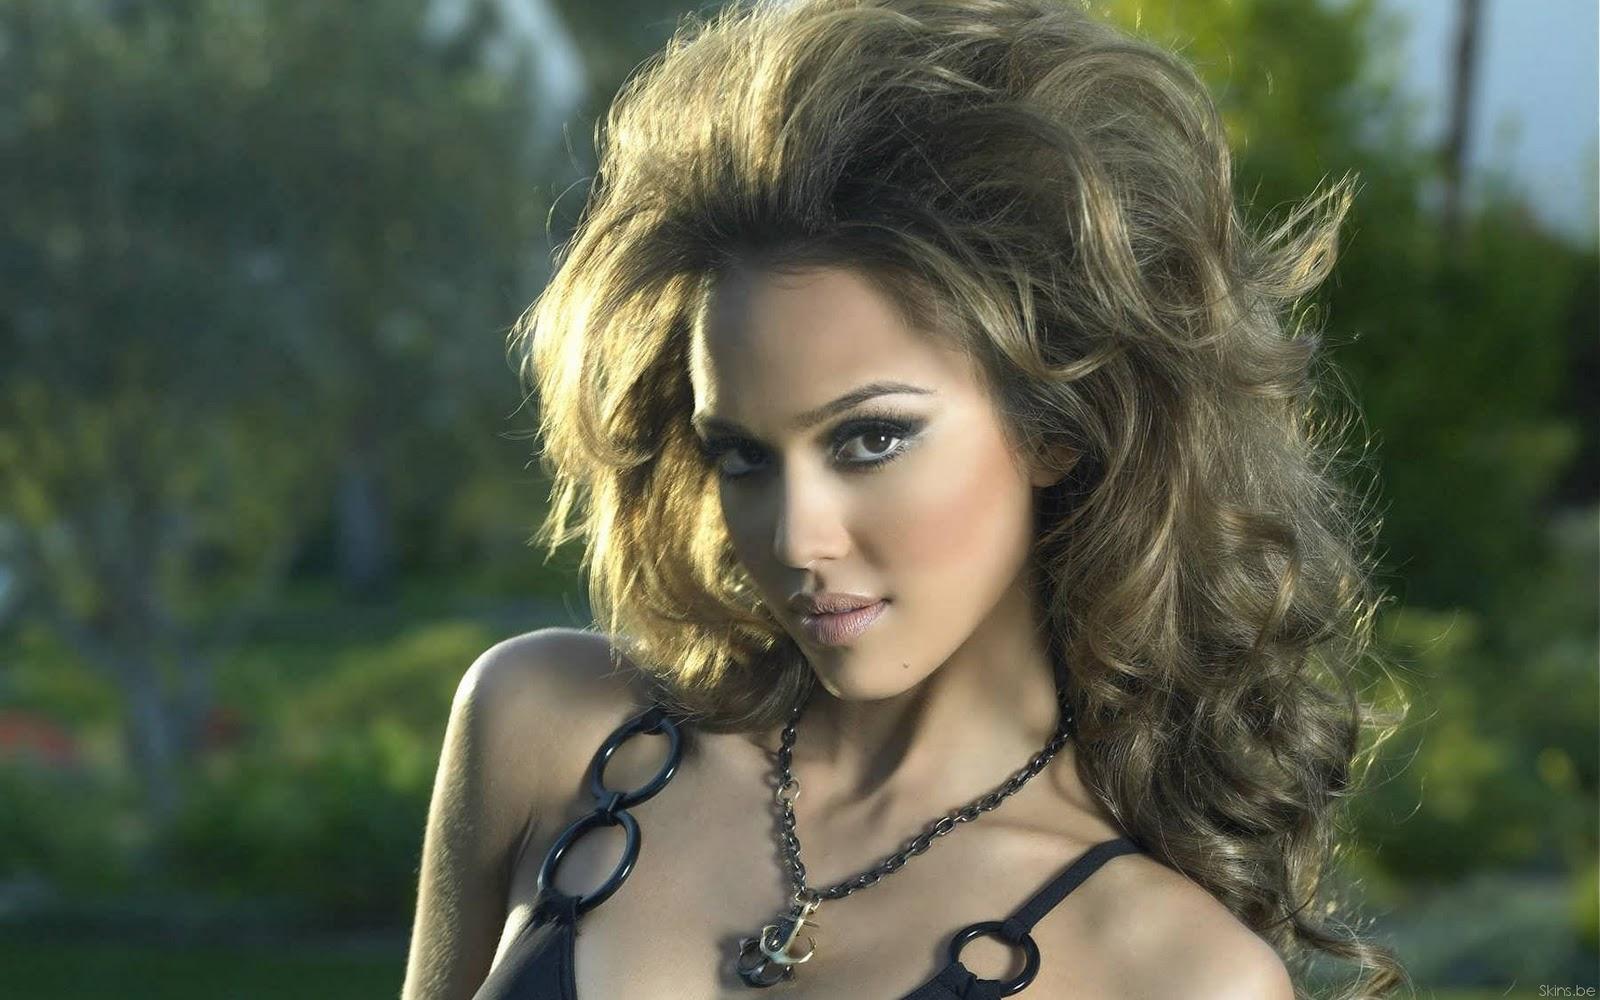 http://1.bp.blogspot.com/_8_CLn-I1Tfc/TUCjrmdV9KI/AAAAAAAABoo/wNQNI4annrE/s1600/jessica+alba+hot+nude.jpg